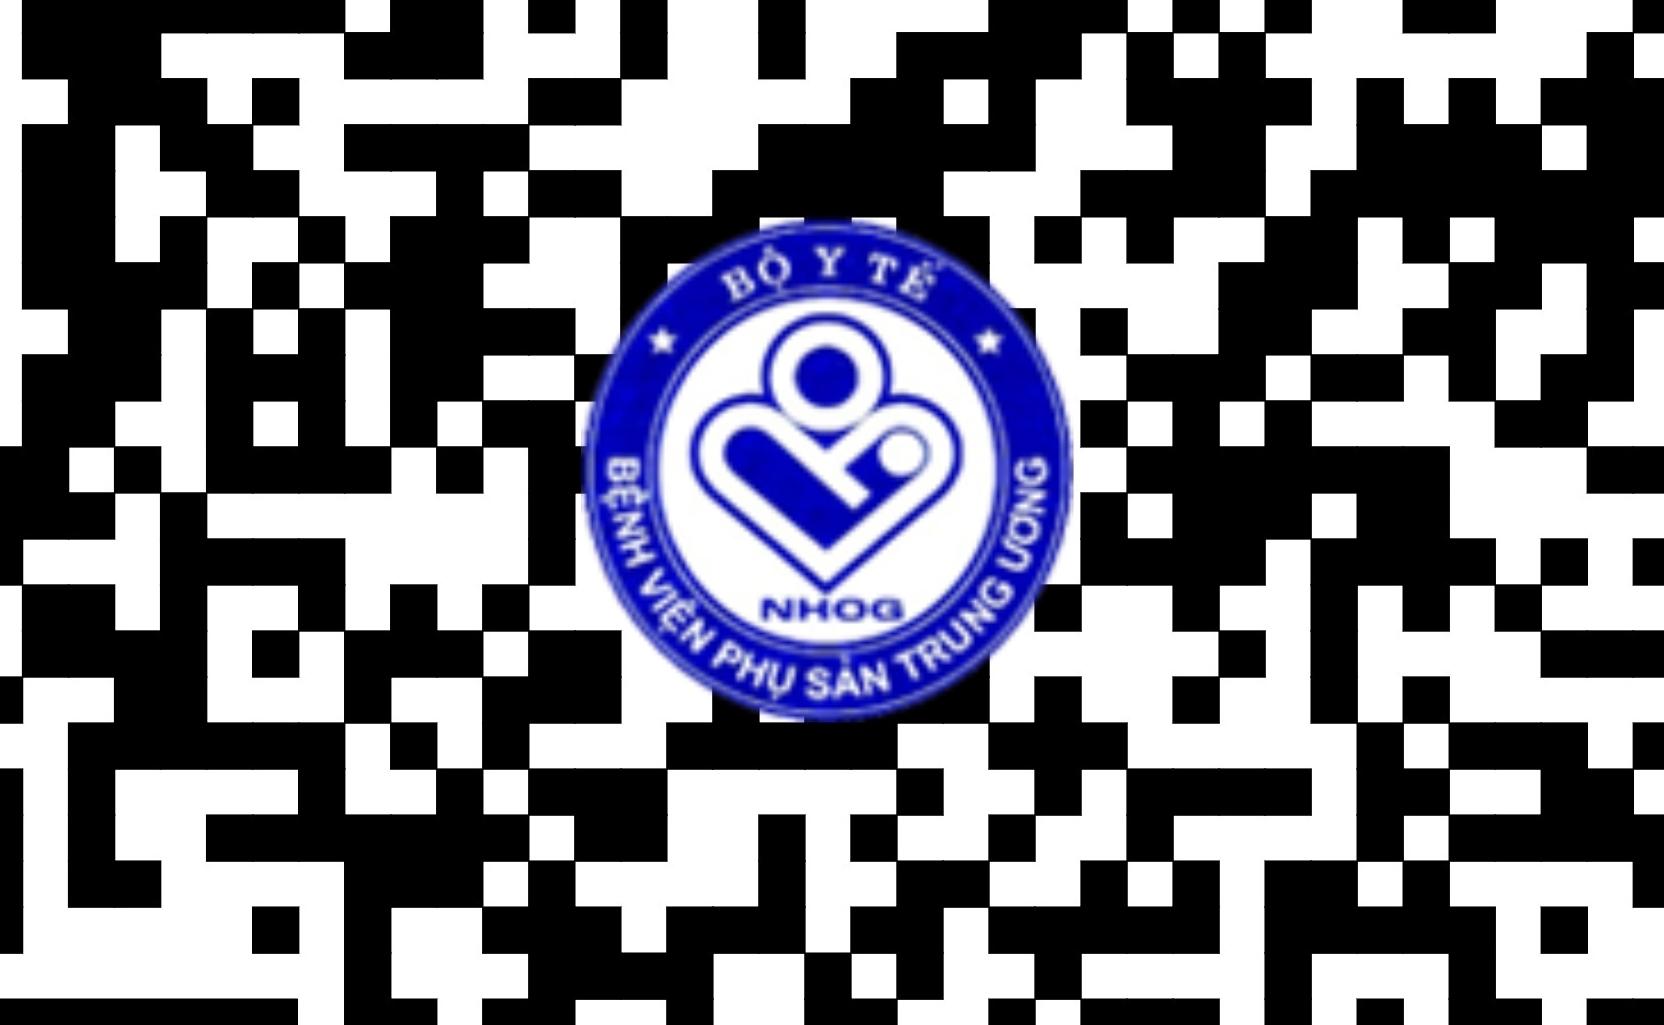 http://benhvienphusantrunguong.org.vn/stores/news_dataimages/vtkien/022021/08/09/croped/QR_code.jpg